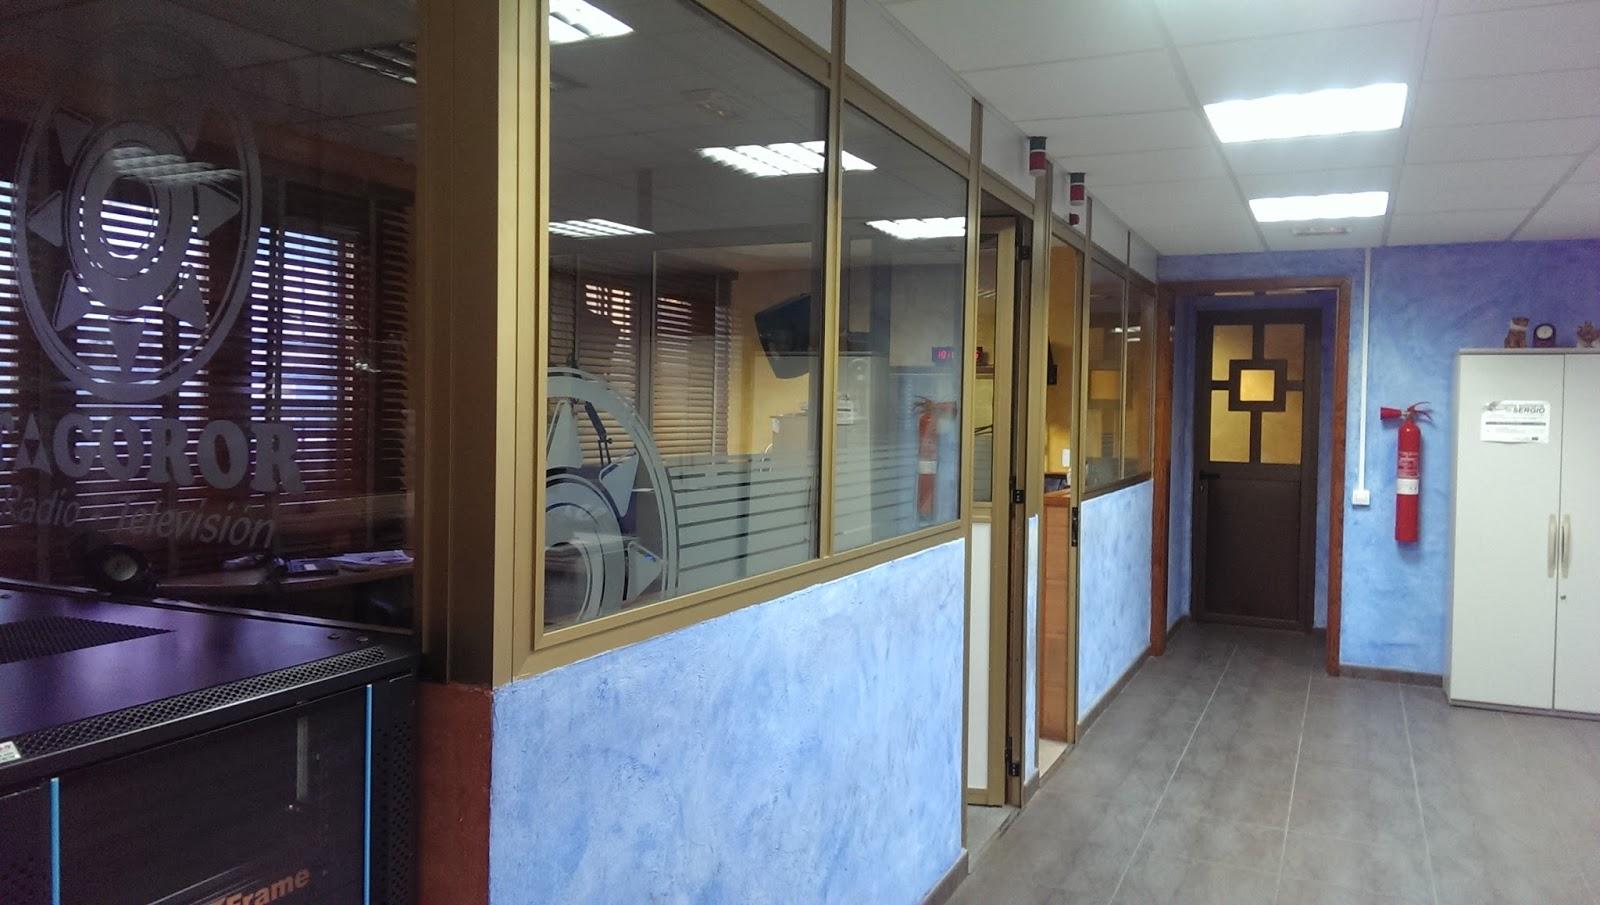 Estudios de Radio Televisión Tagoror